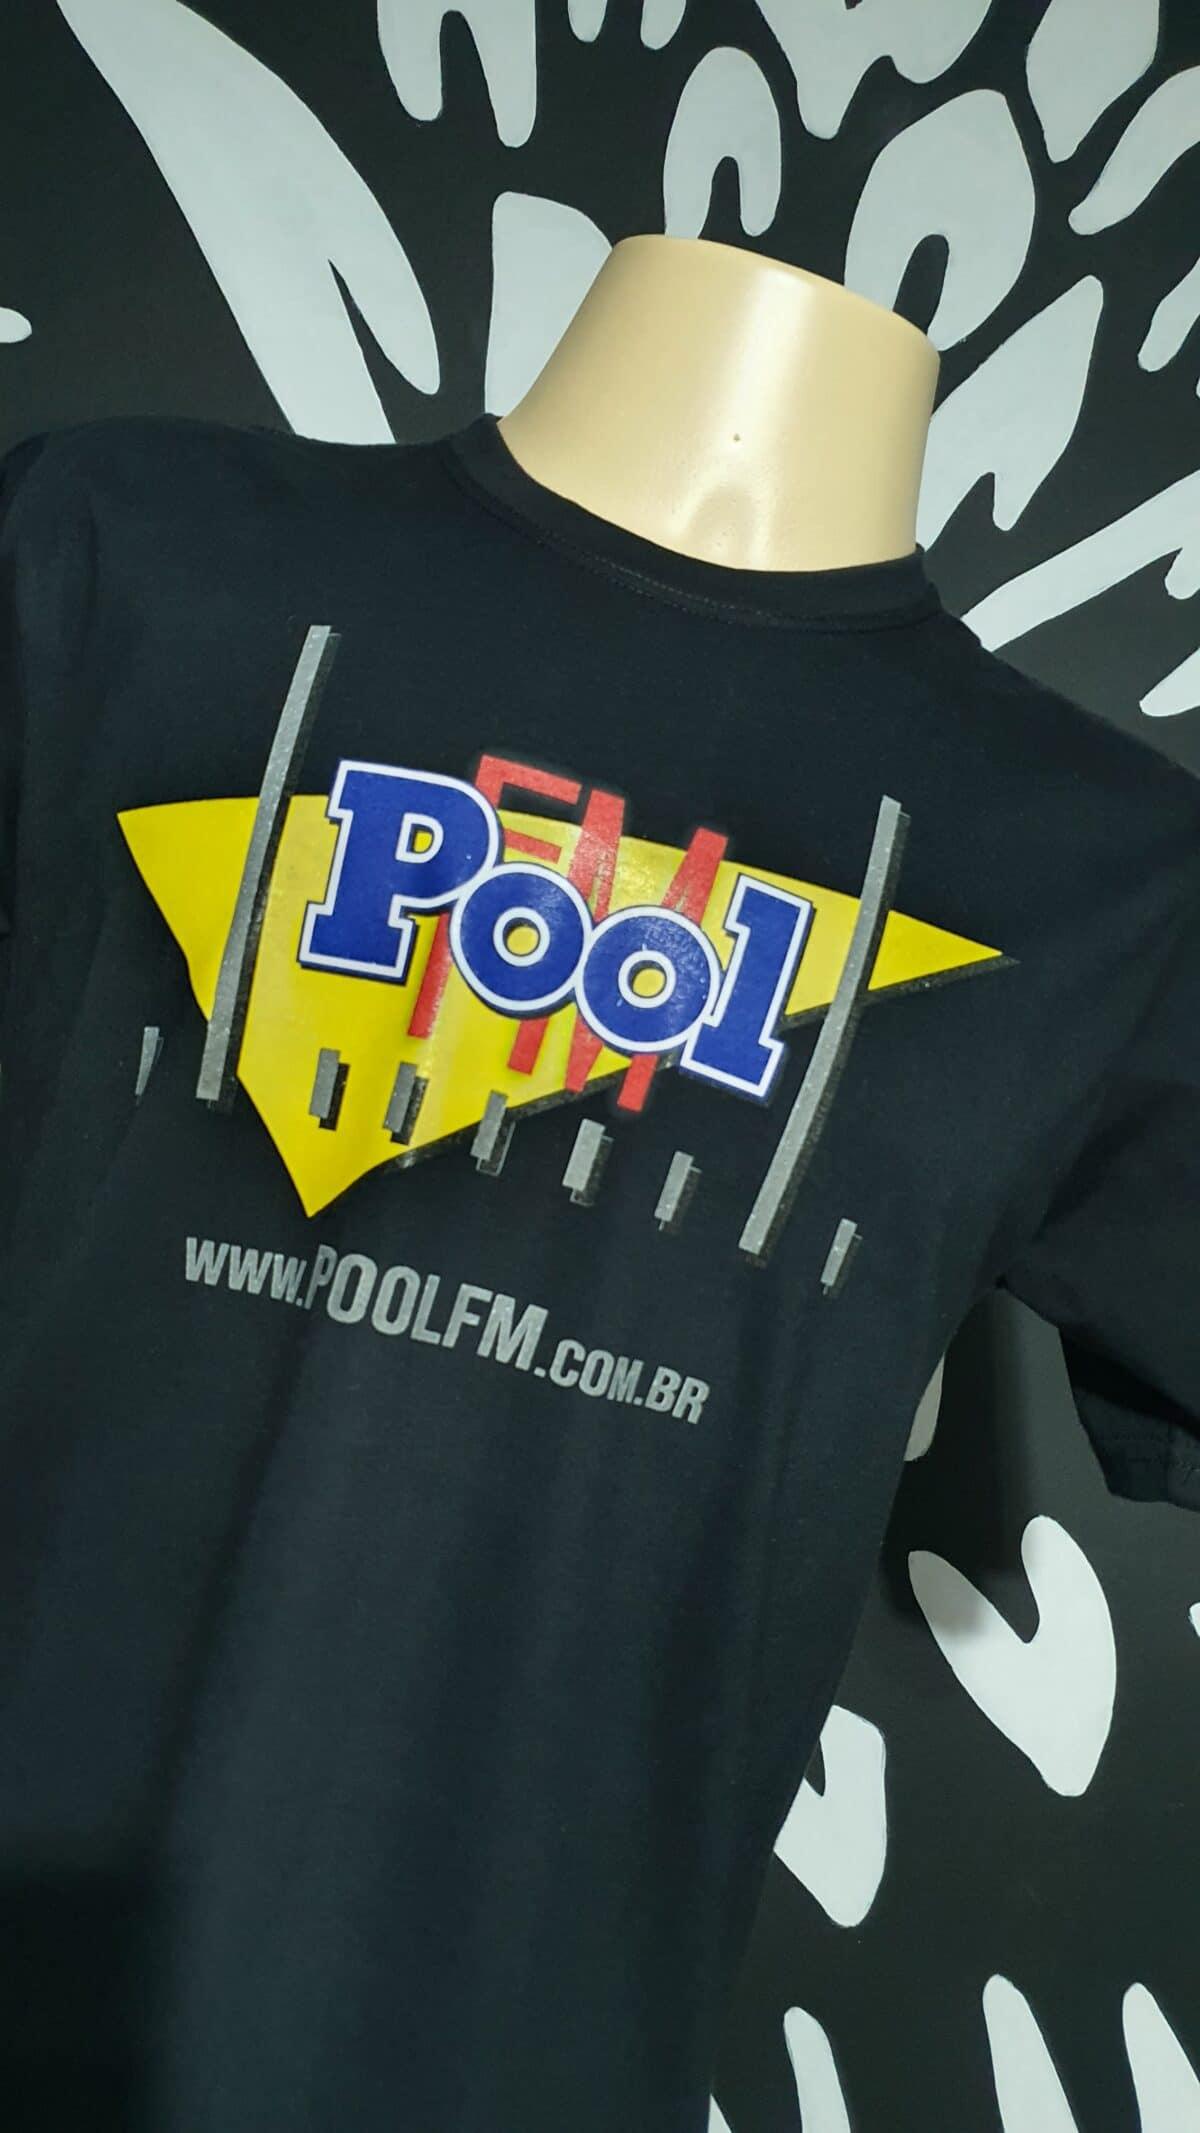 Camiseta POOL FM Vintage by Bordado & Cia - @bordado.cia; @poolfm